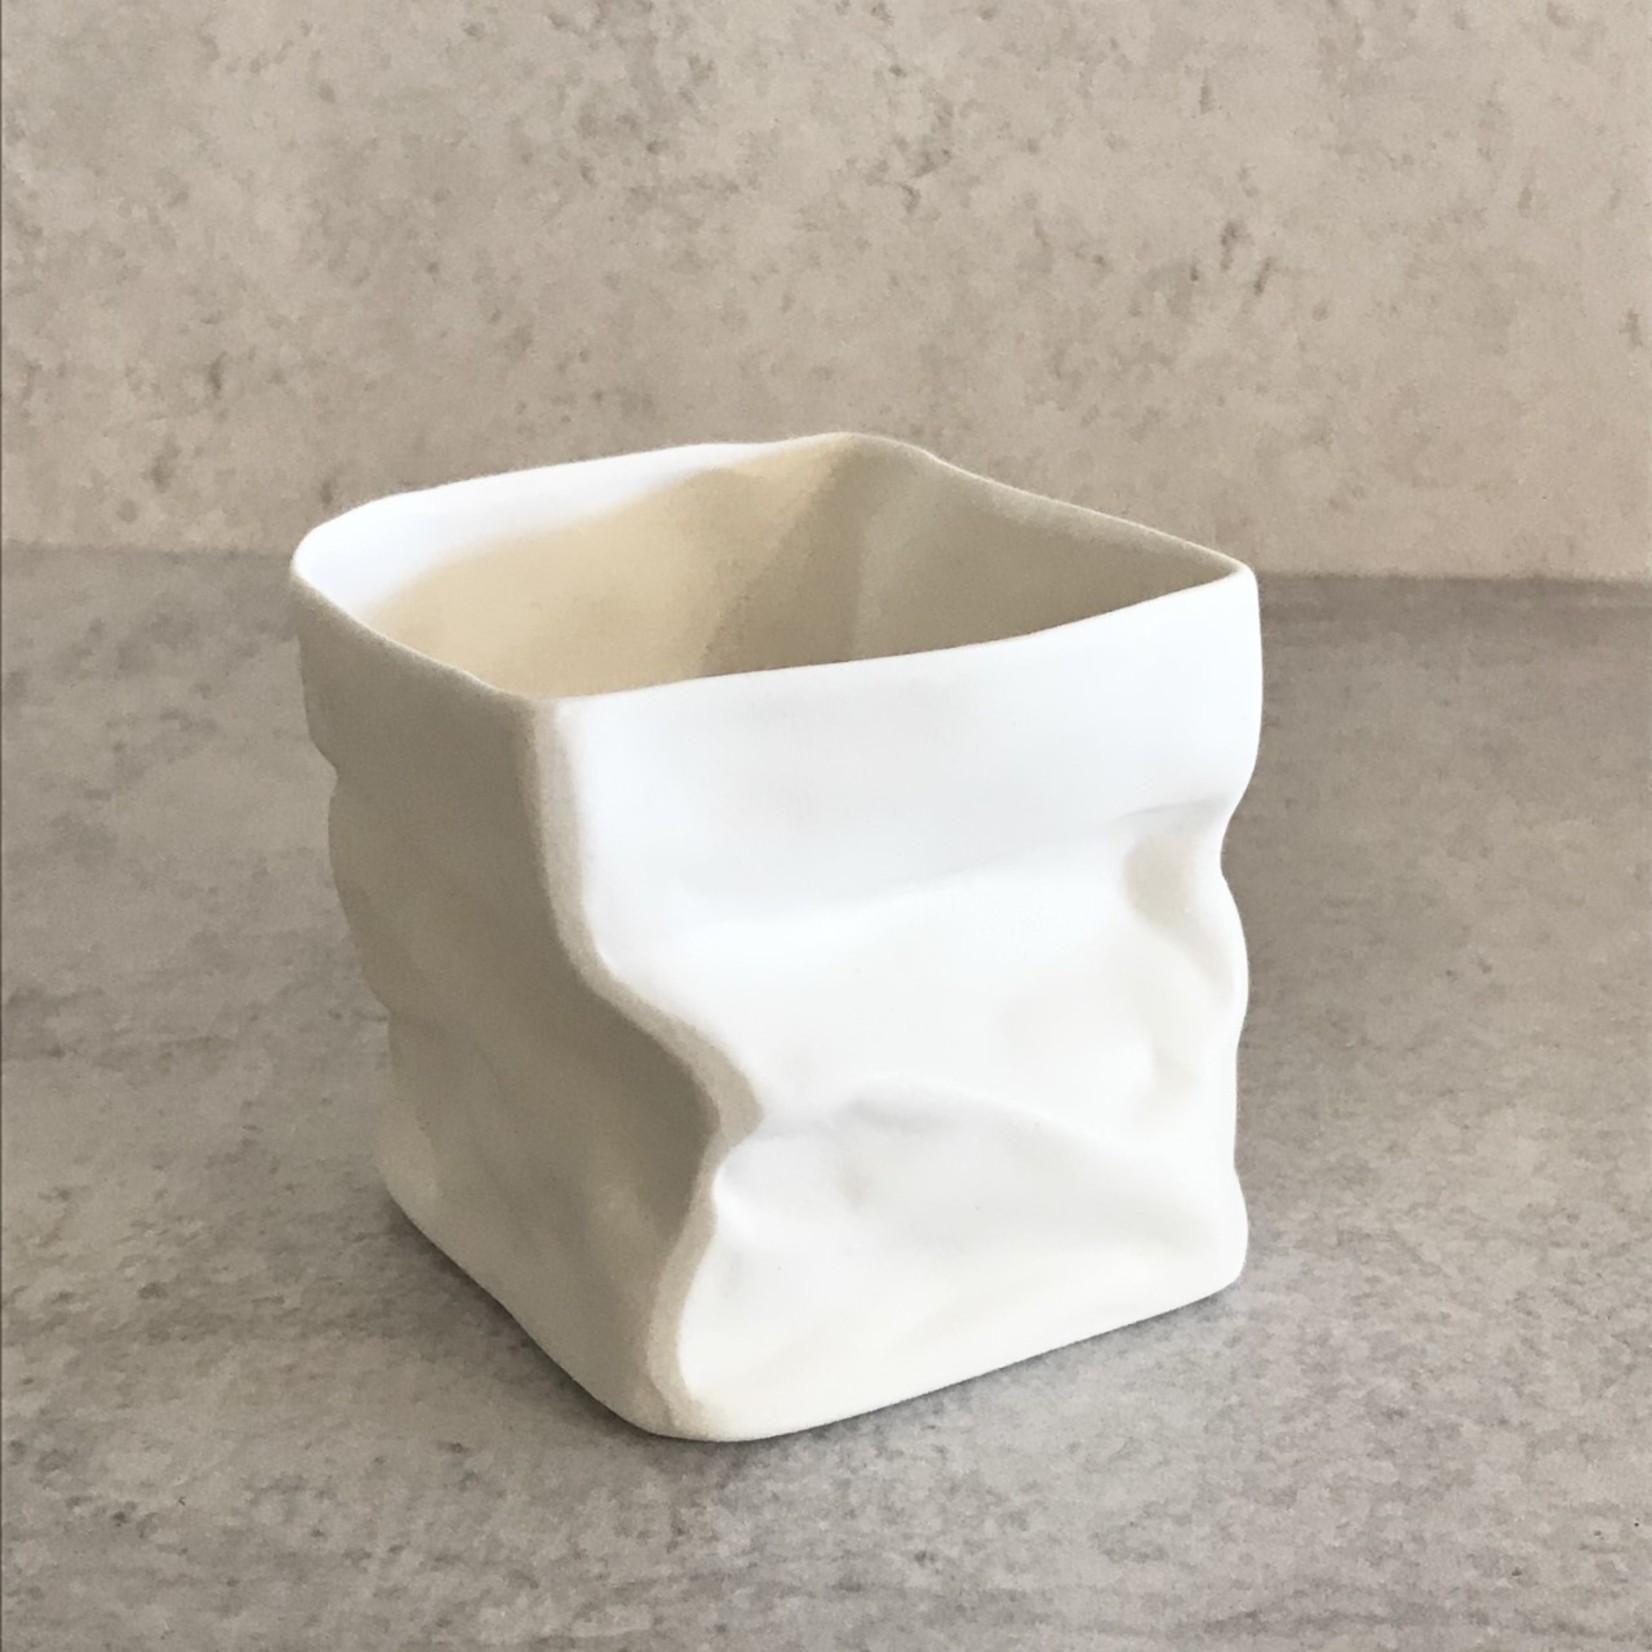 Paperbag White Vase/Holder Small